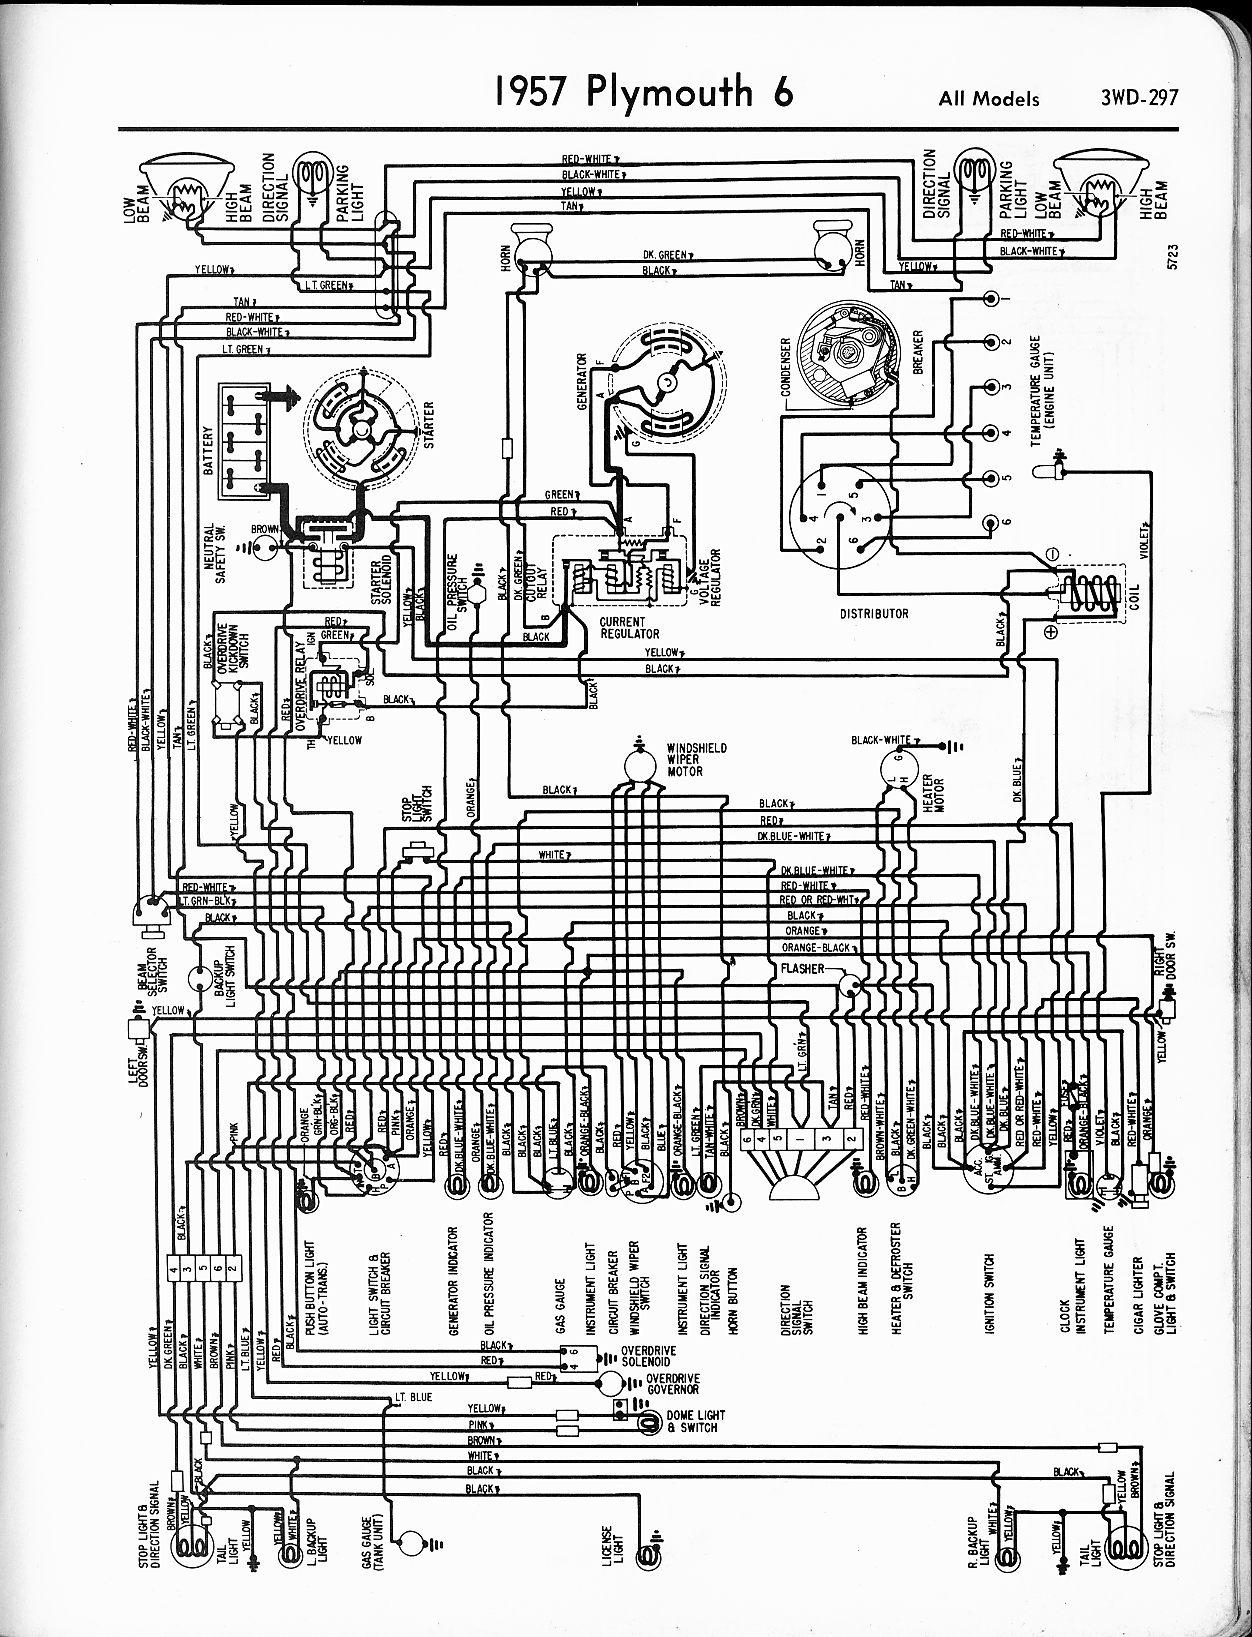 1967 Barracuda Dash Wiring Diagram | Wiring Diagram on 1973 plymouth duster wiring diagram, 1968 plymouth barracuda wiring diagram, 1966 plymouth satellite wiring diagram, 1972 plymouth barracuda wiring diagram, 1965 pontiac lemans wiring diagram, 1970 dodge challenger wiring diagram, 1967 ford mustang wiring diagram, 1967 pontiac gto wiring diagram, 1968 dodge charger wiring diagram, 1970 plymouth barracuda wiring diagram, 1960 ford thunderbird wiring diagram, 1965 plymouth barracuda wiring diagram, 1970 plymouth gtx wiring diagram, 1969 pontiac firebird wiring diagram, 1969 plymouth roadrunner wiring diagram, 1969 pontiac gto wiring diagram, 1973 dodge challenger wiring diagram, trans am wiring diagram, 1966 plymouth belvedere wiring diagram, 1967 plymouth barracuda wiring diagram,